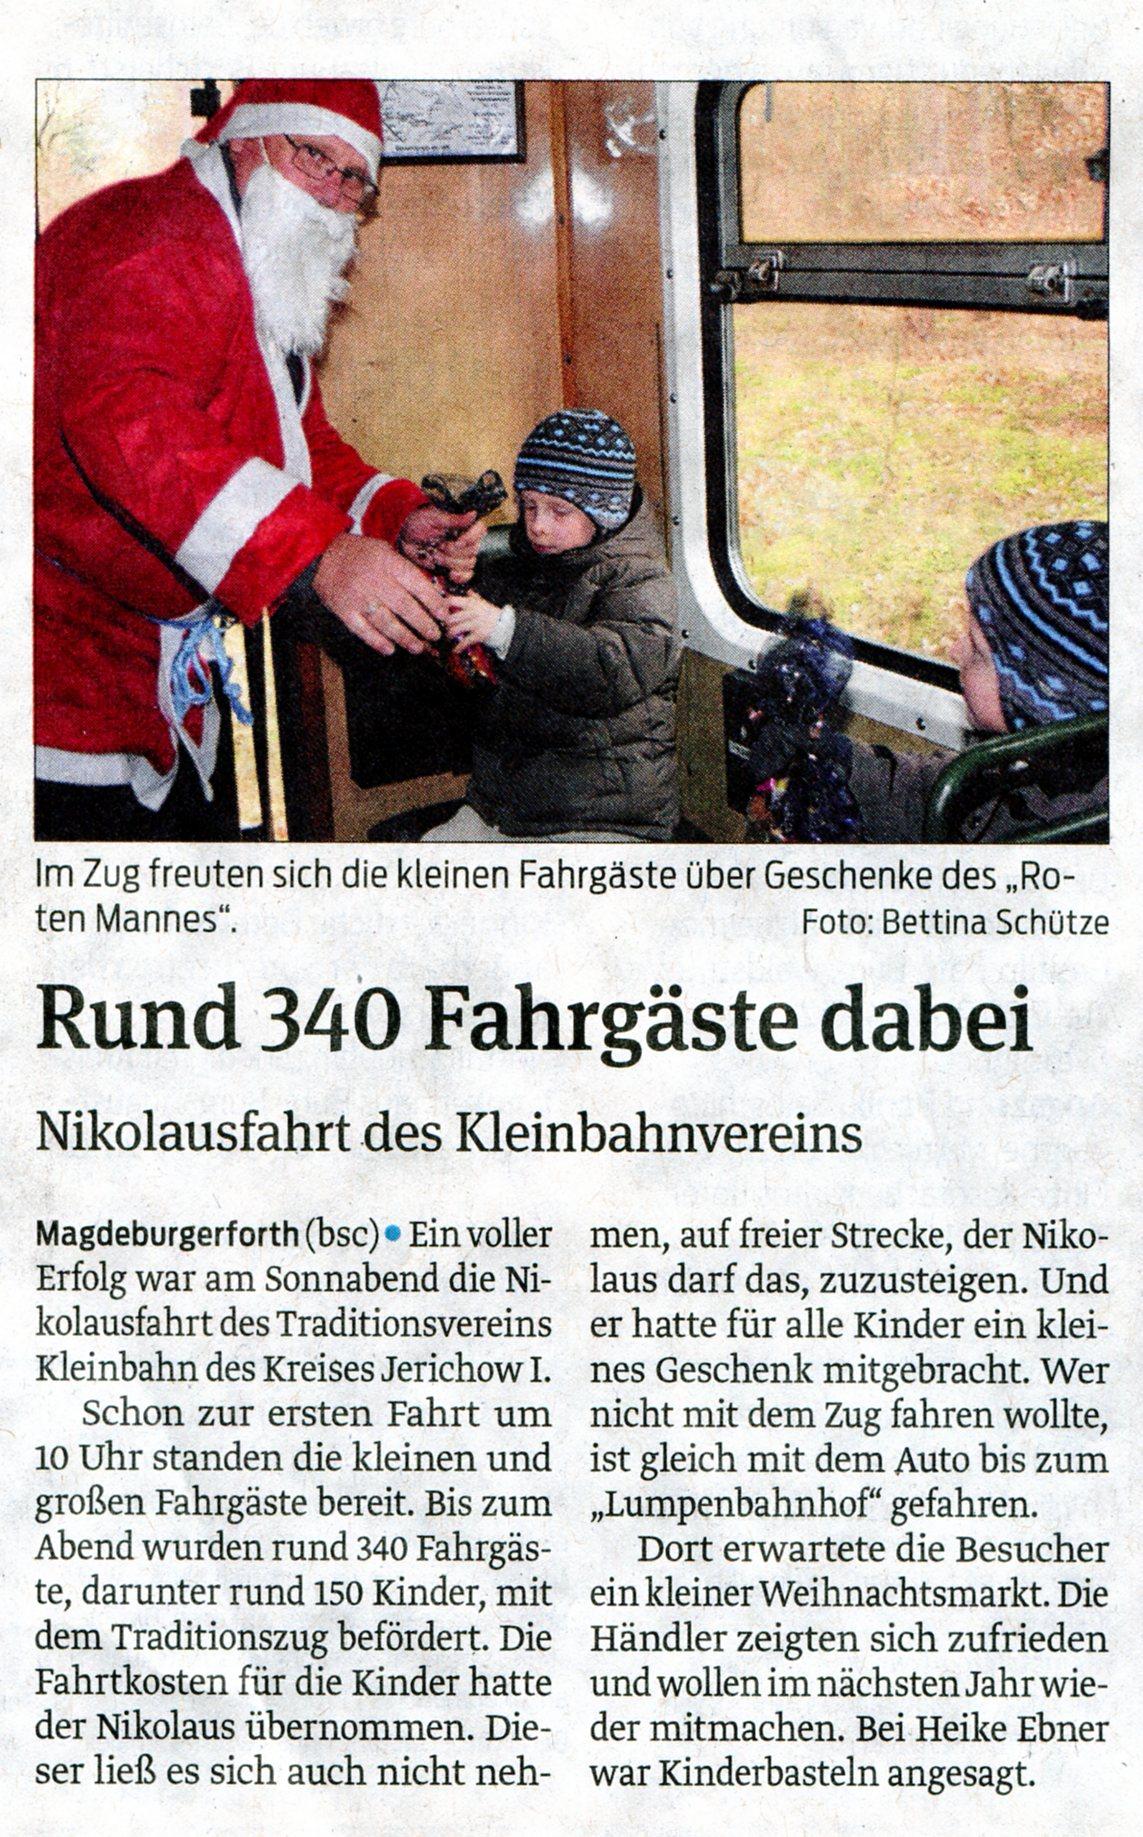 (Volksstimme/Burg 12.2011)